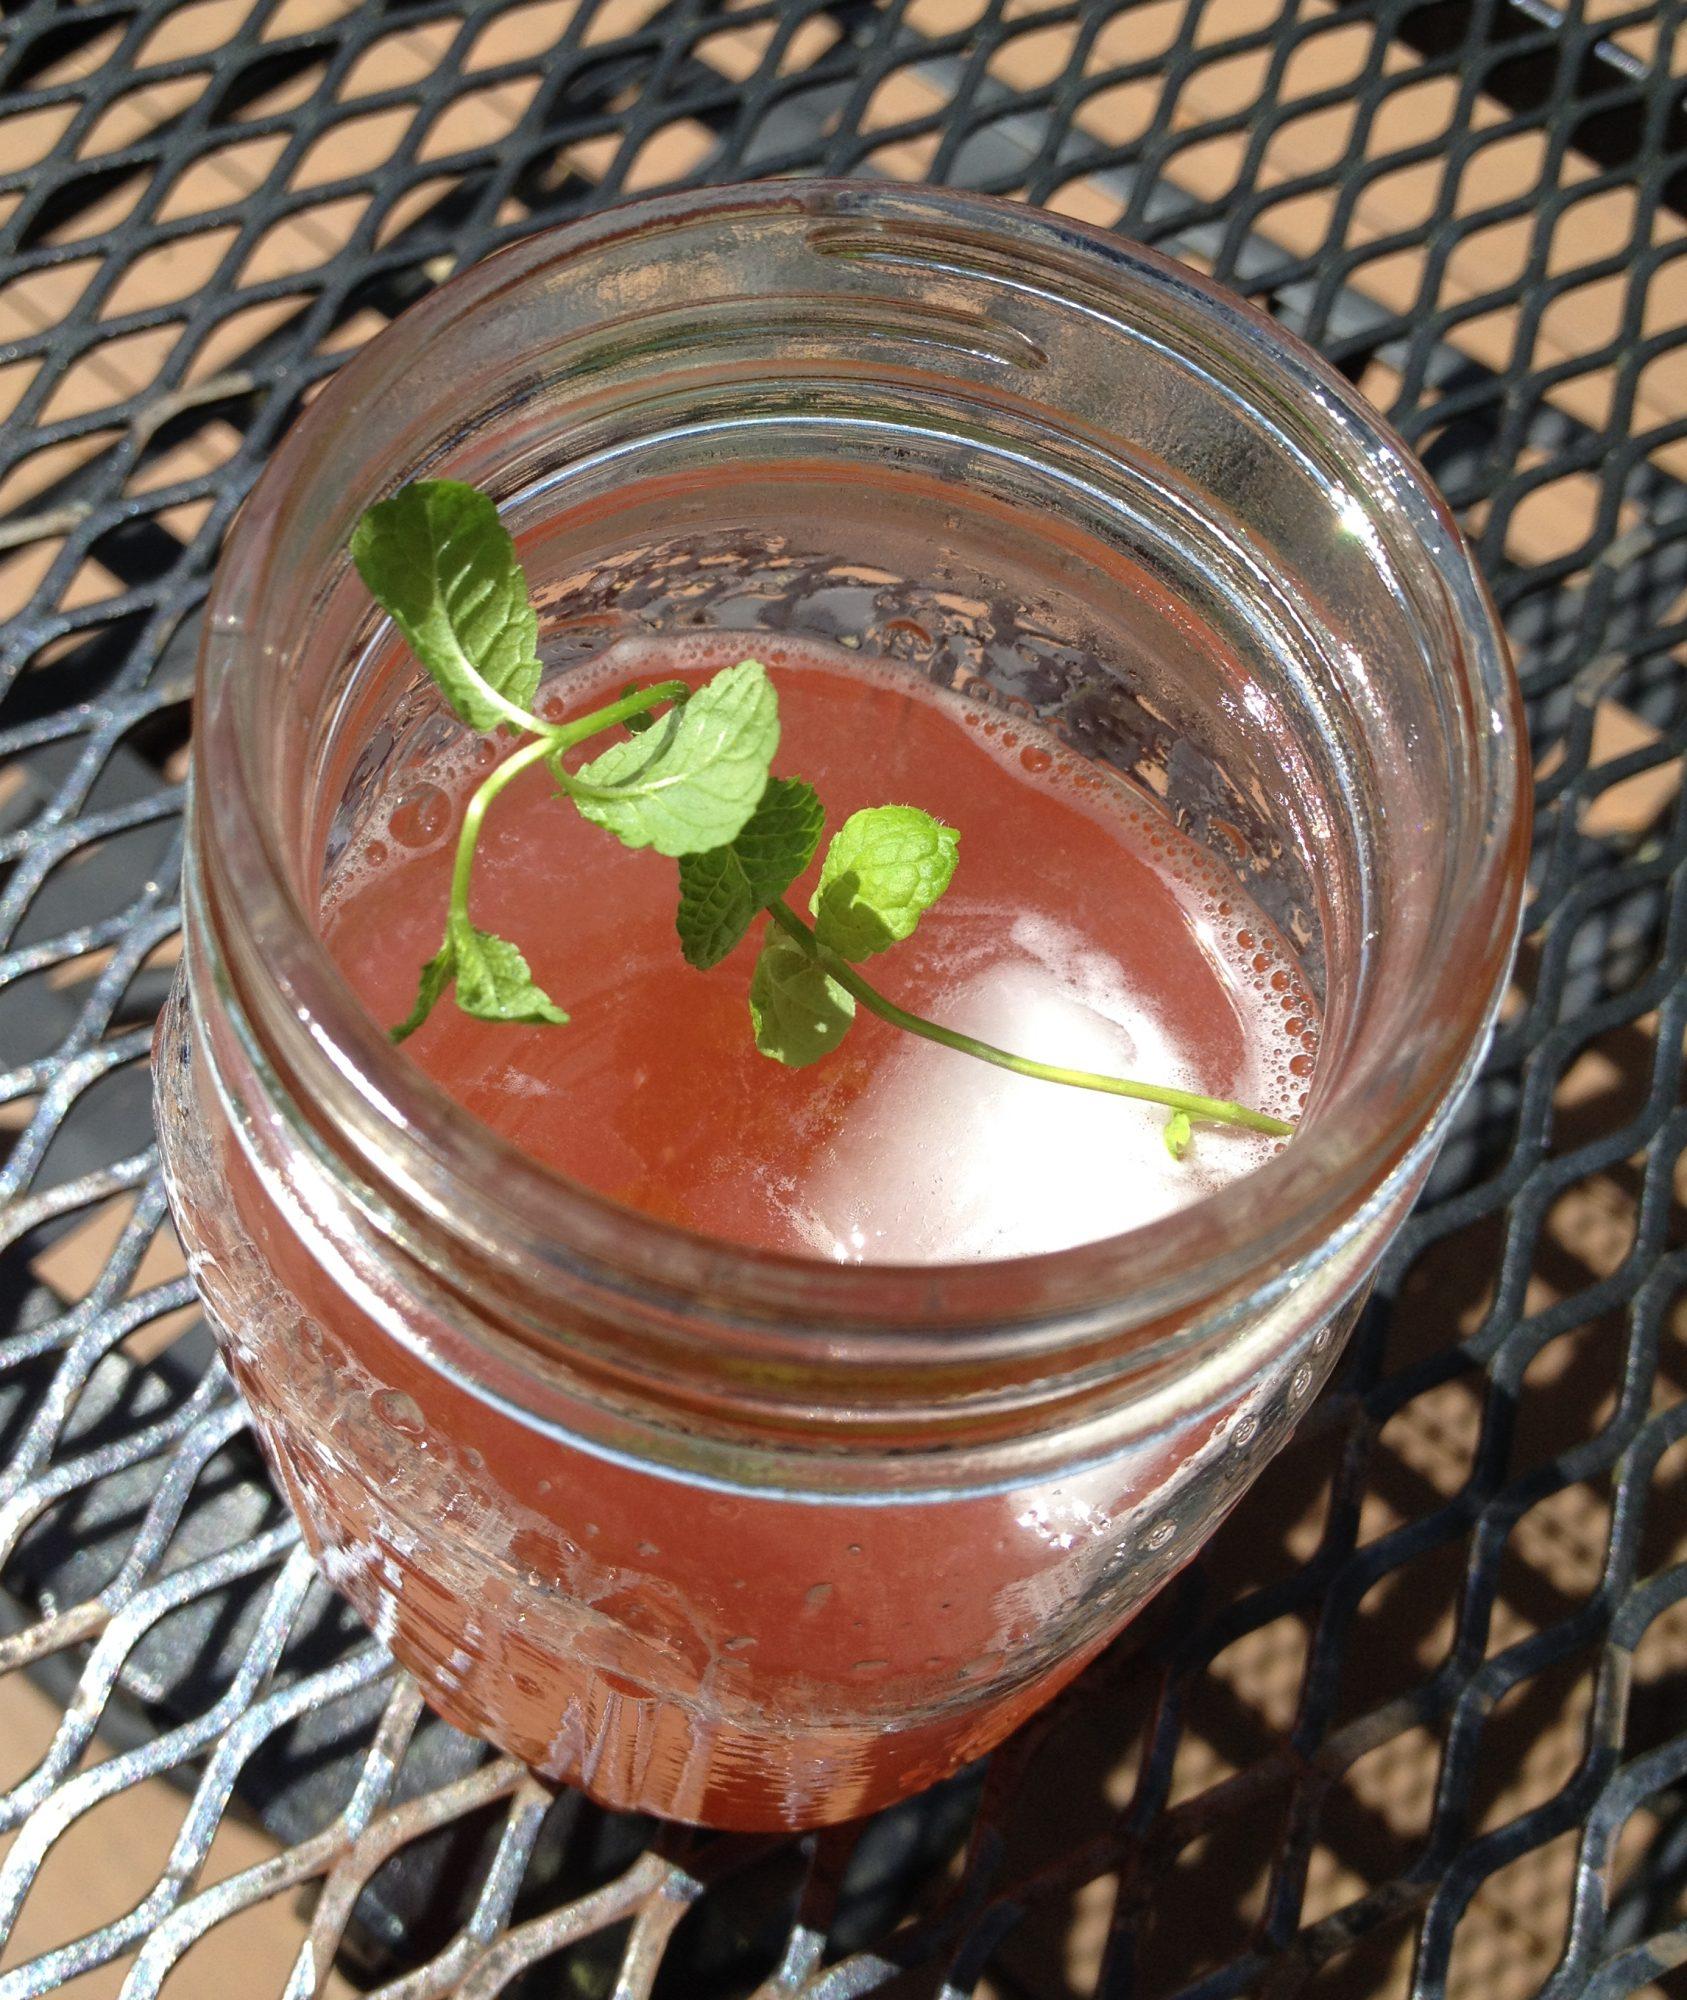 Rhubarb Mint Iced Tea